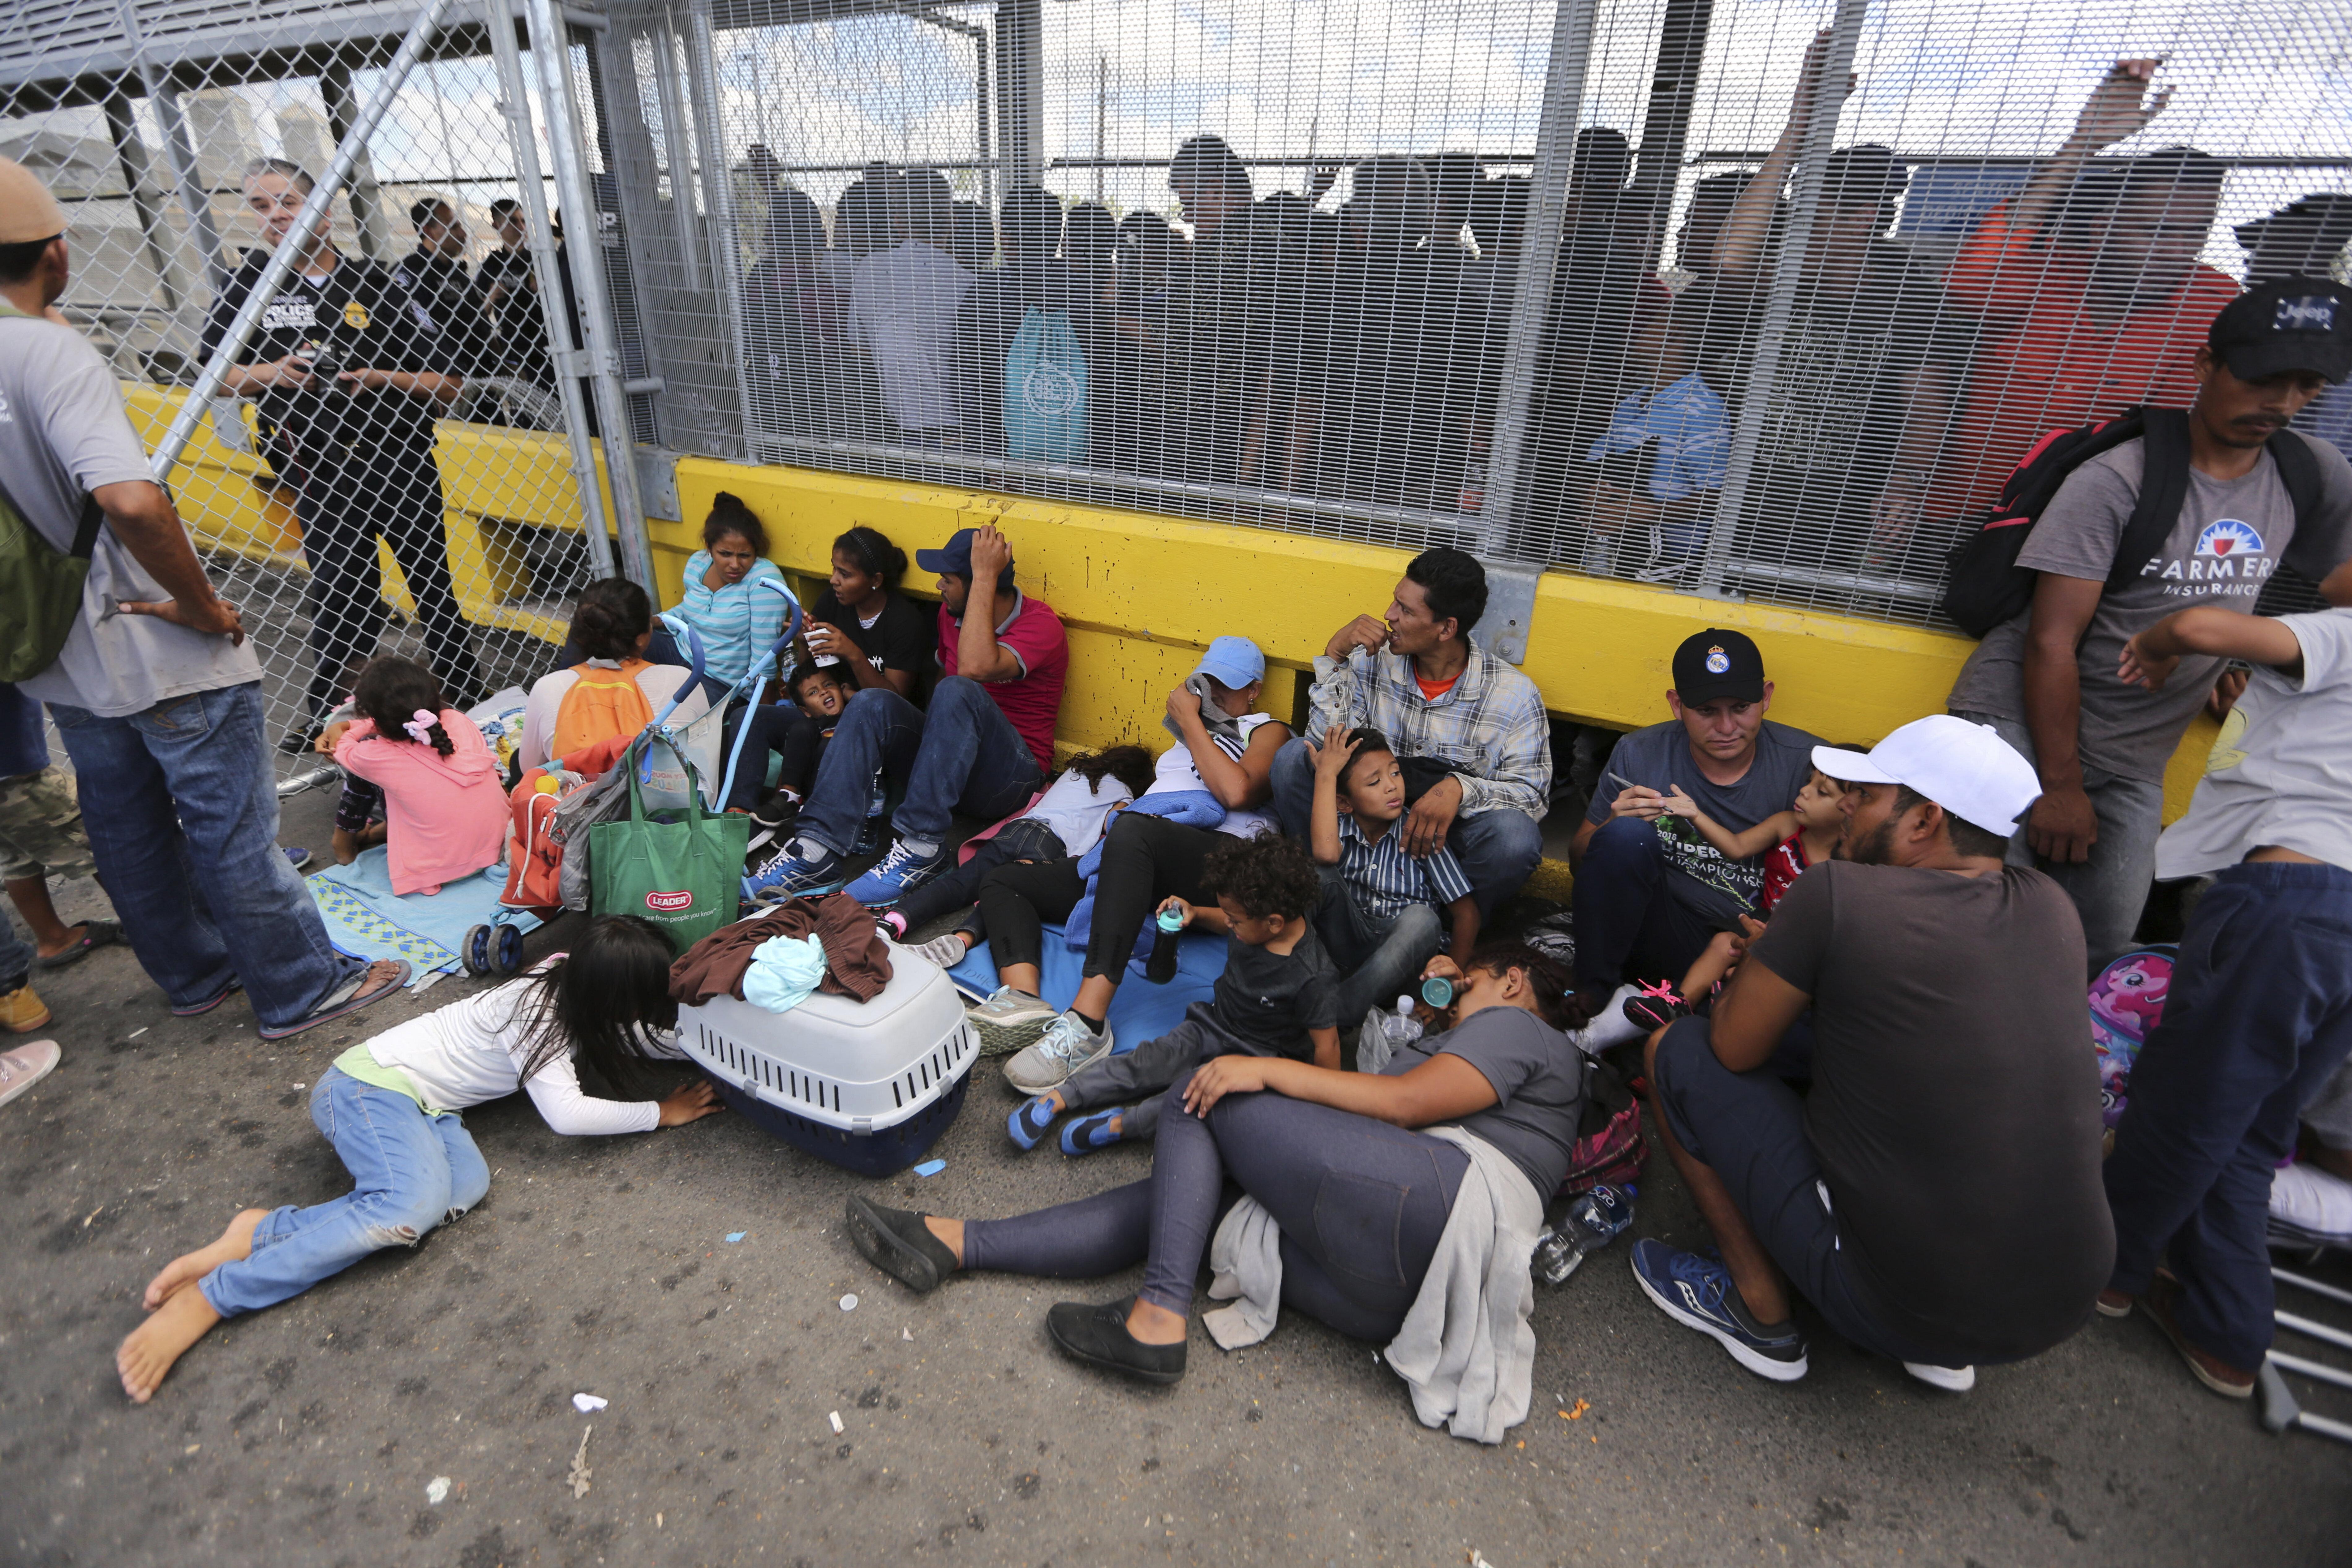 """Denuncian condiciones deplorables en campamento de refugiados en México: """"Y va a empeorar más todavía, rápidamente - Telemundo"""